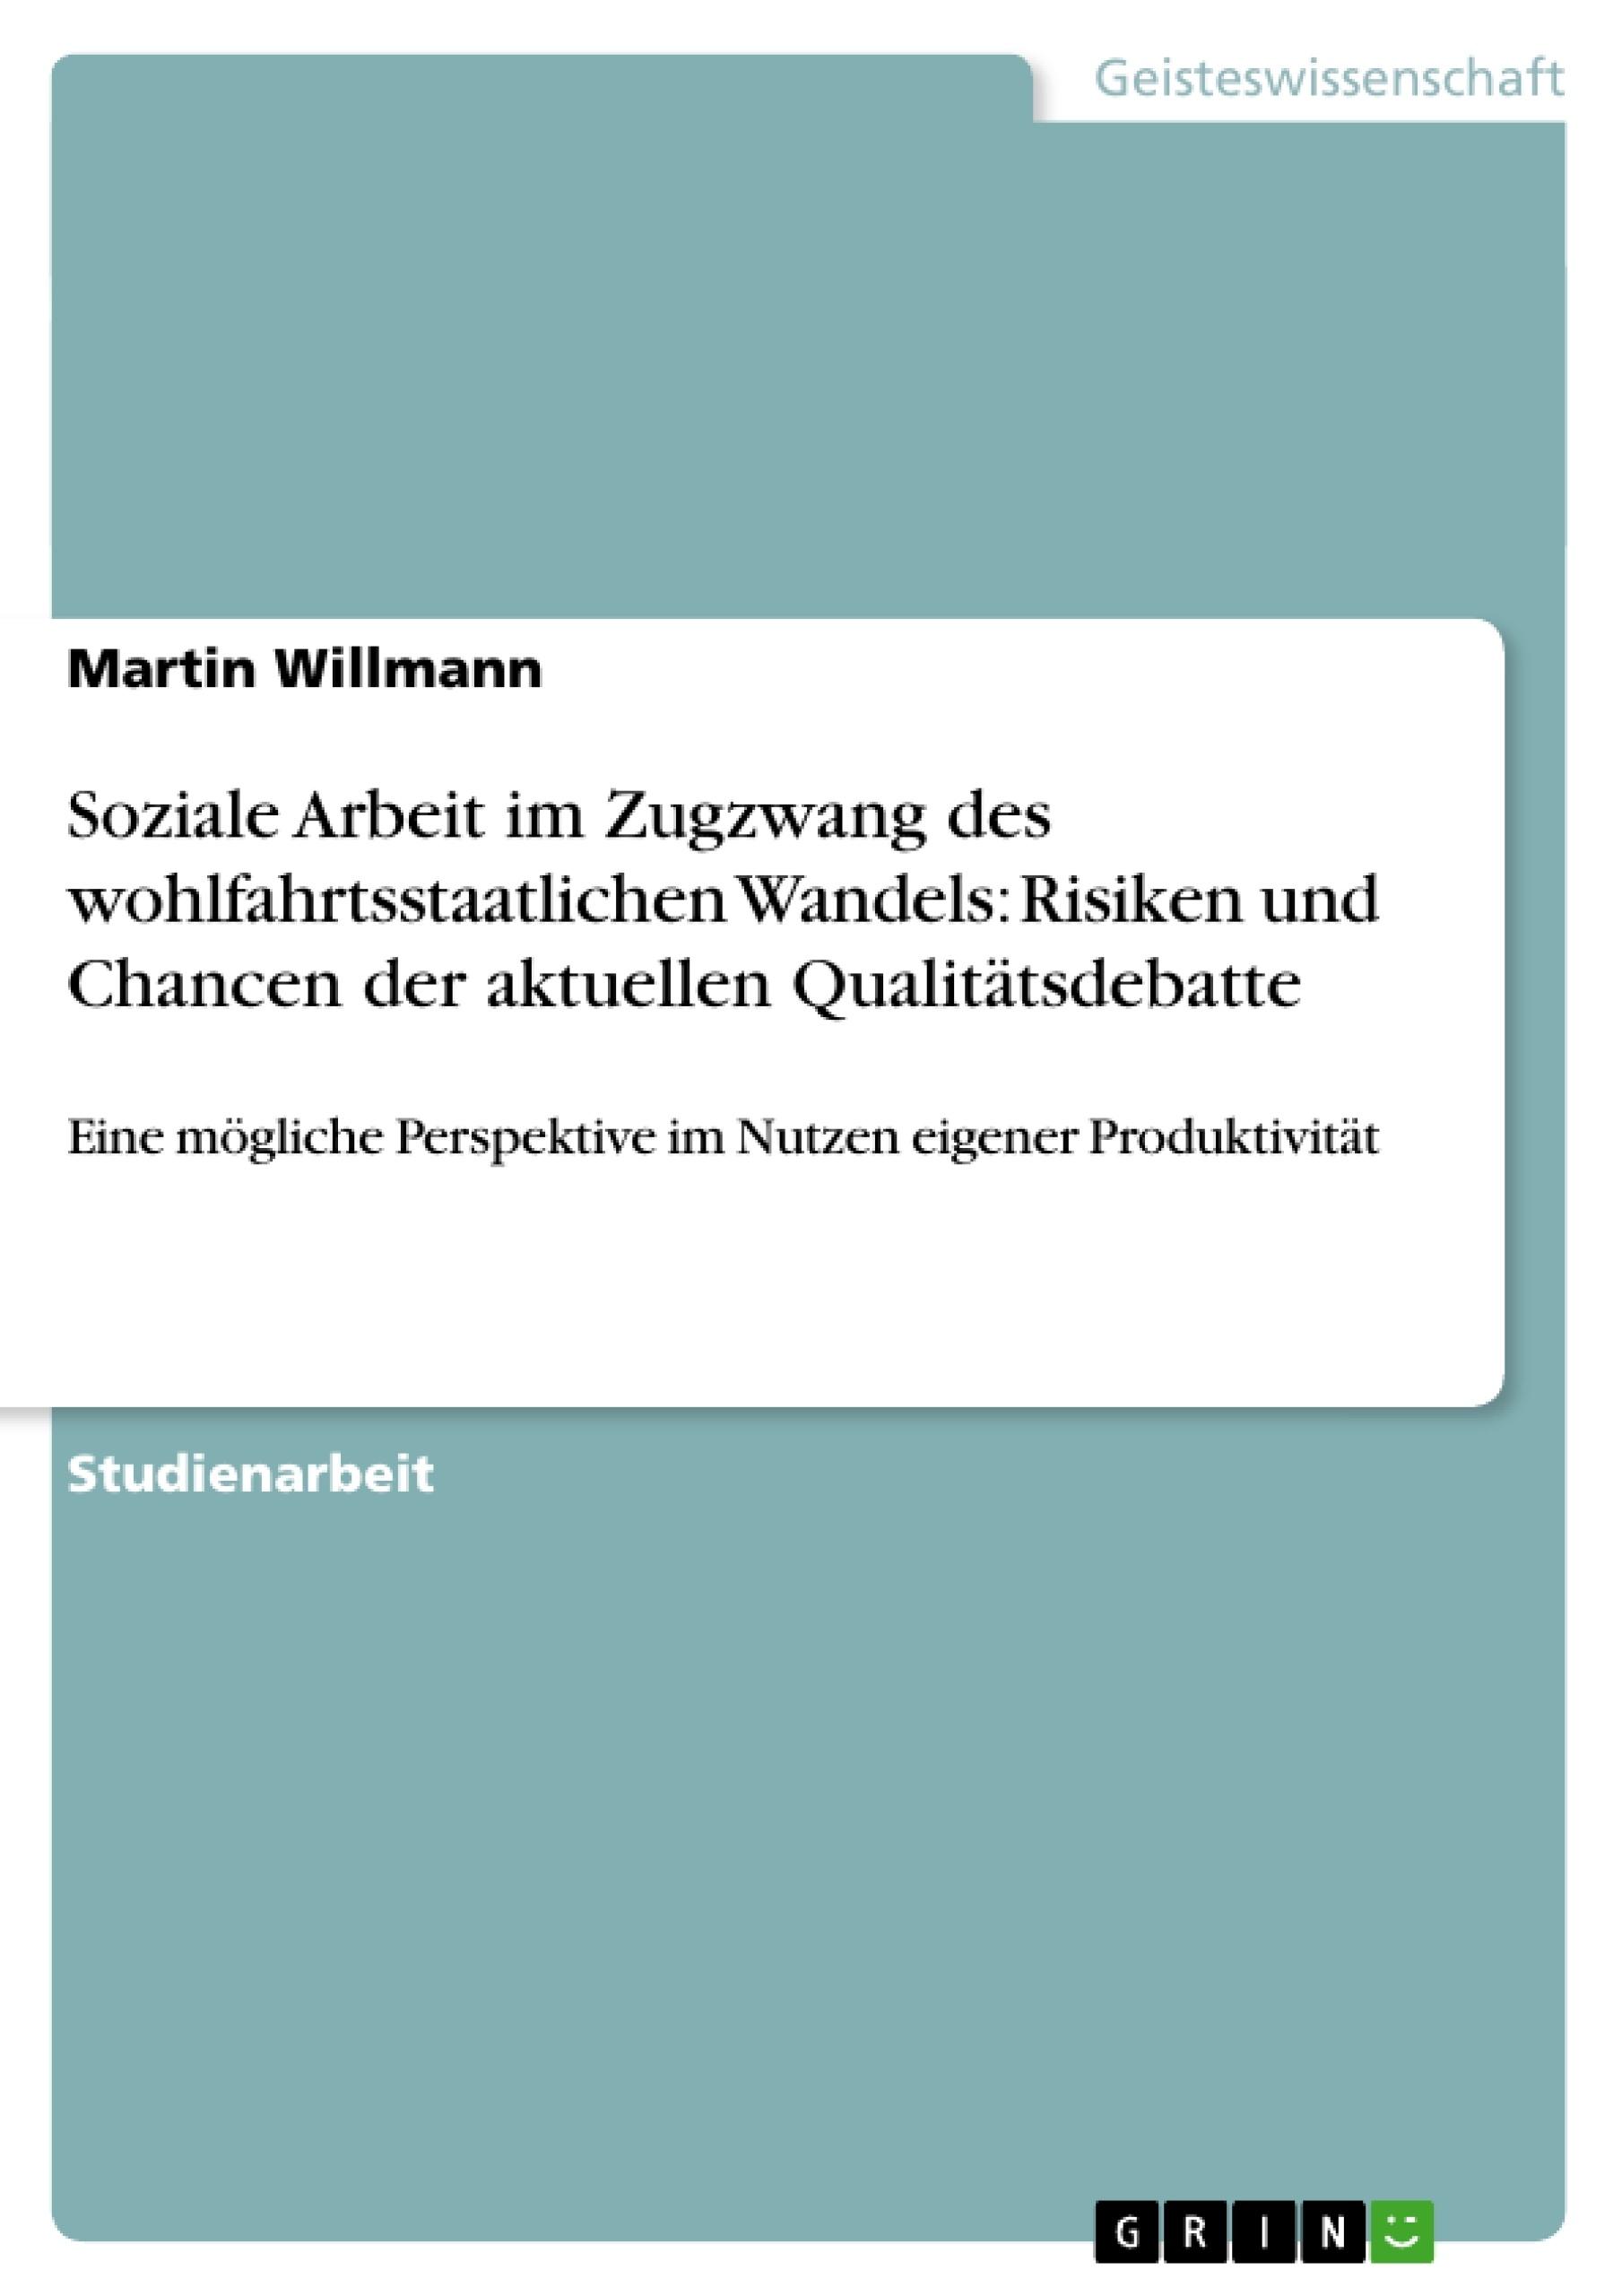 Titel: Soziale Arbeit im Zugzwang des wohlfahrtsstaatlichen Wandels: Risiken und Chancen der aktuellen Qualitätsdebatte